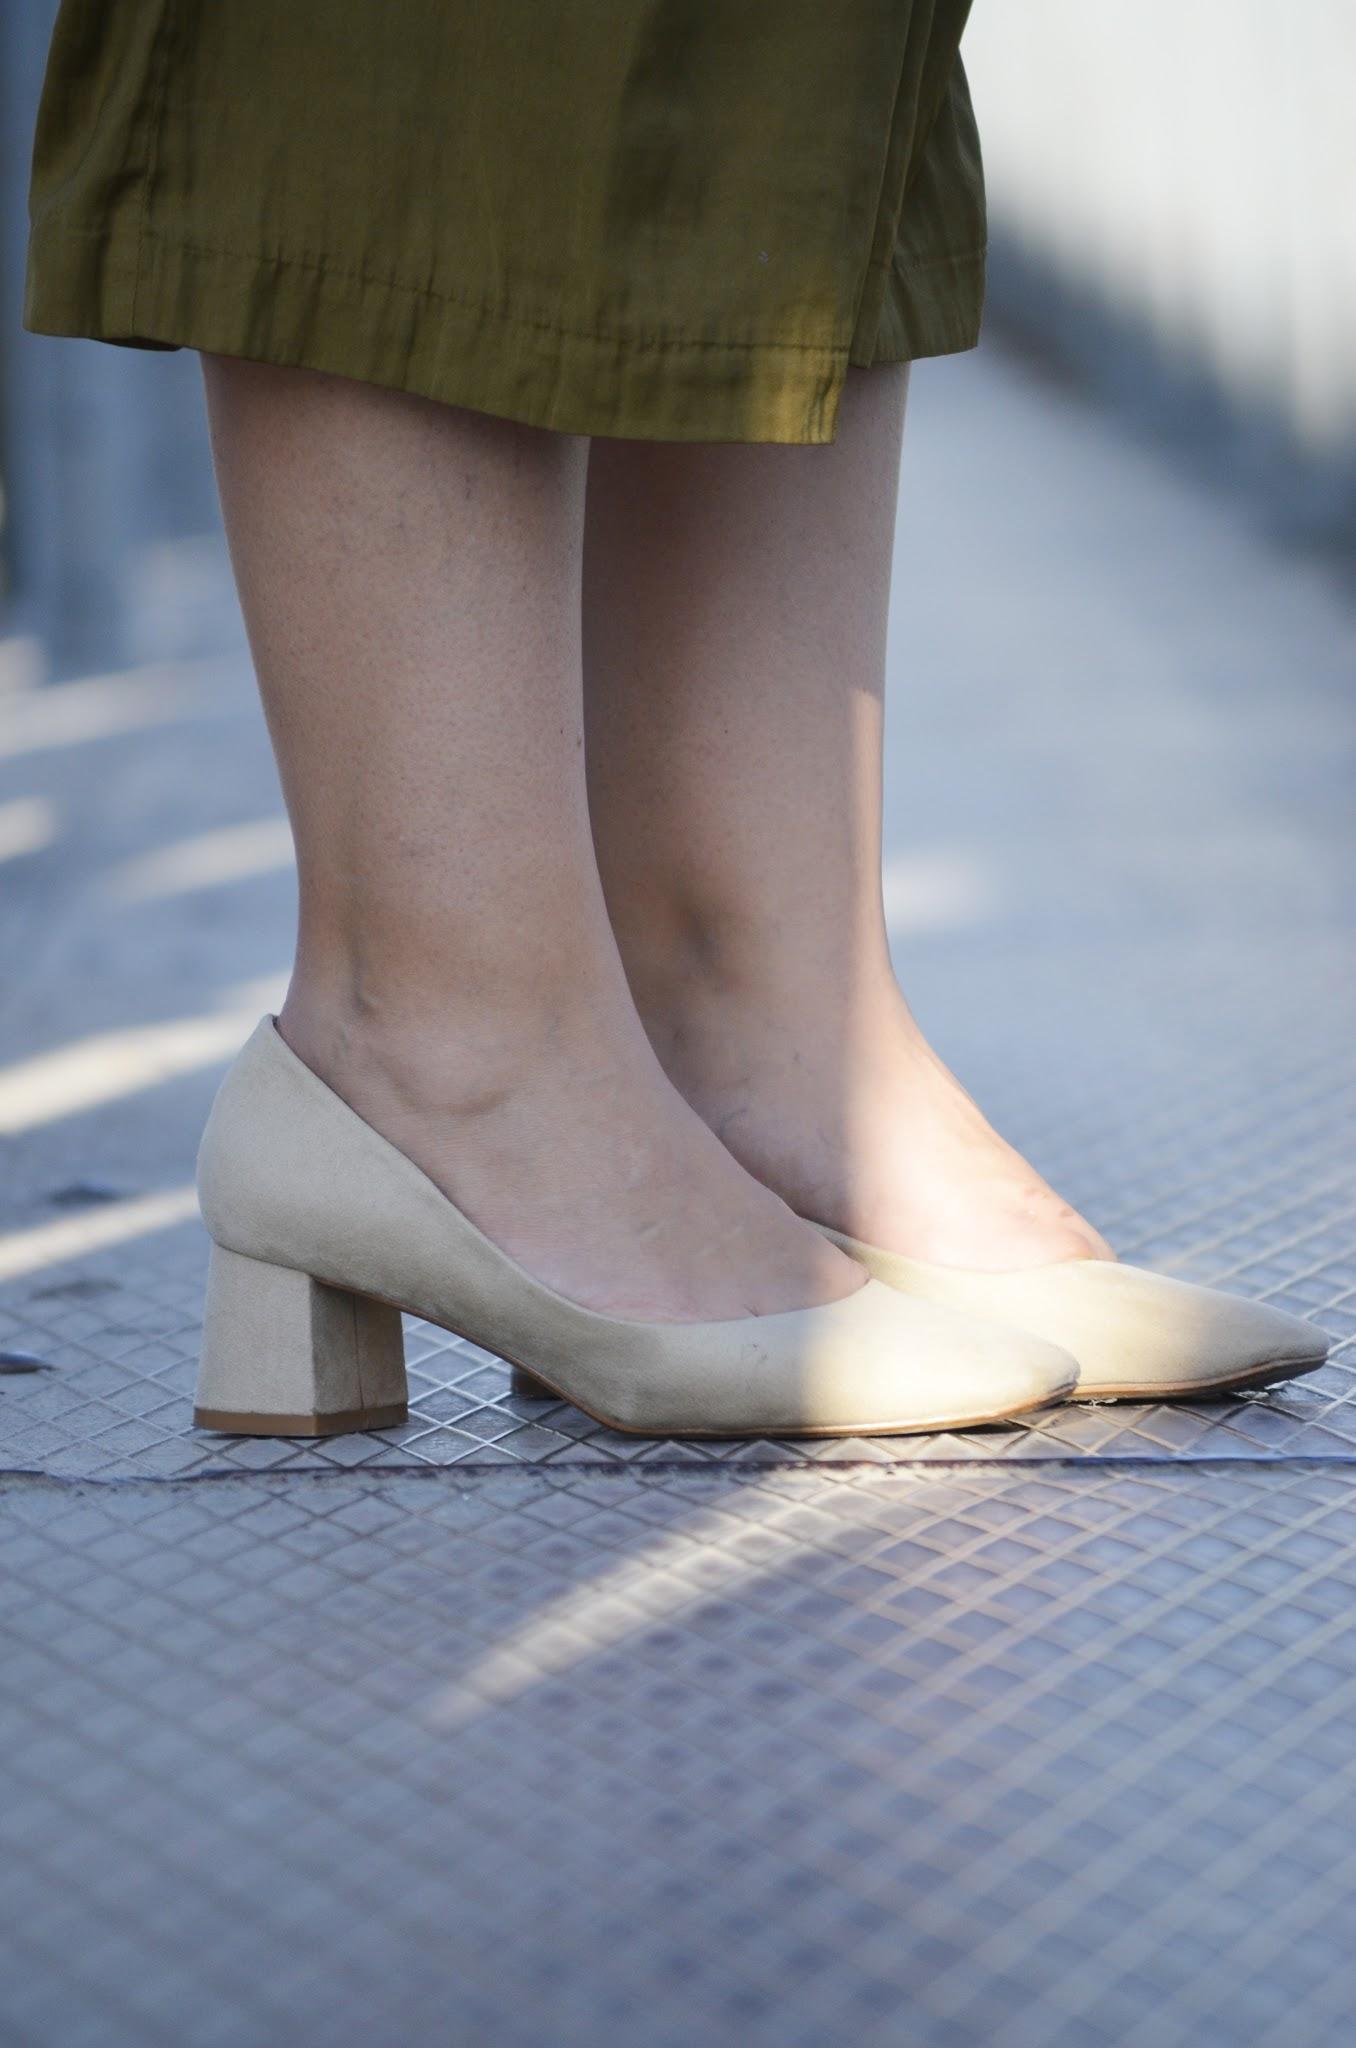 granny_shoes_zapatos_temporada_blogger